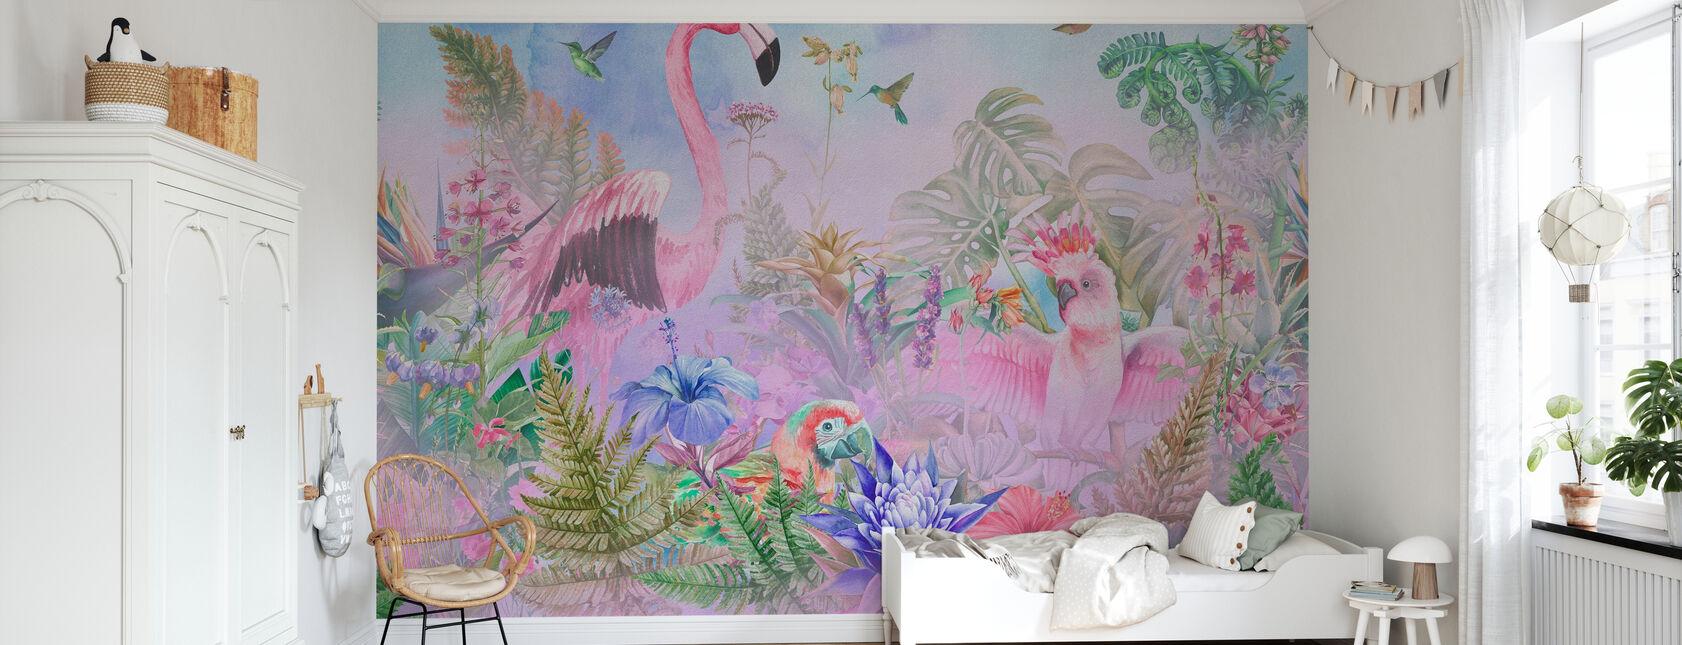 Kæmpe Flamingo - Tapet - Børneværelse